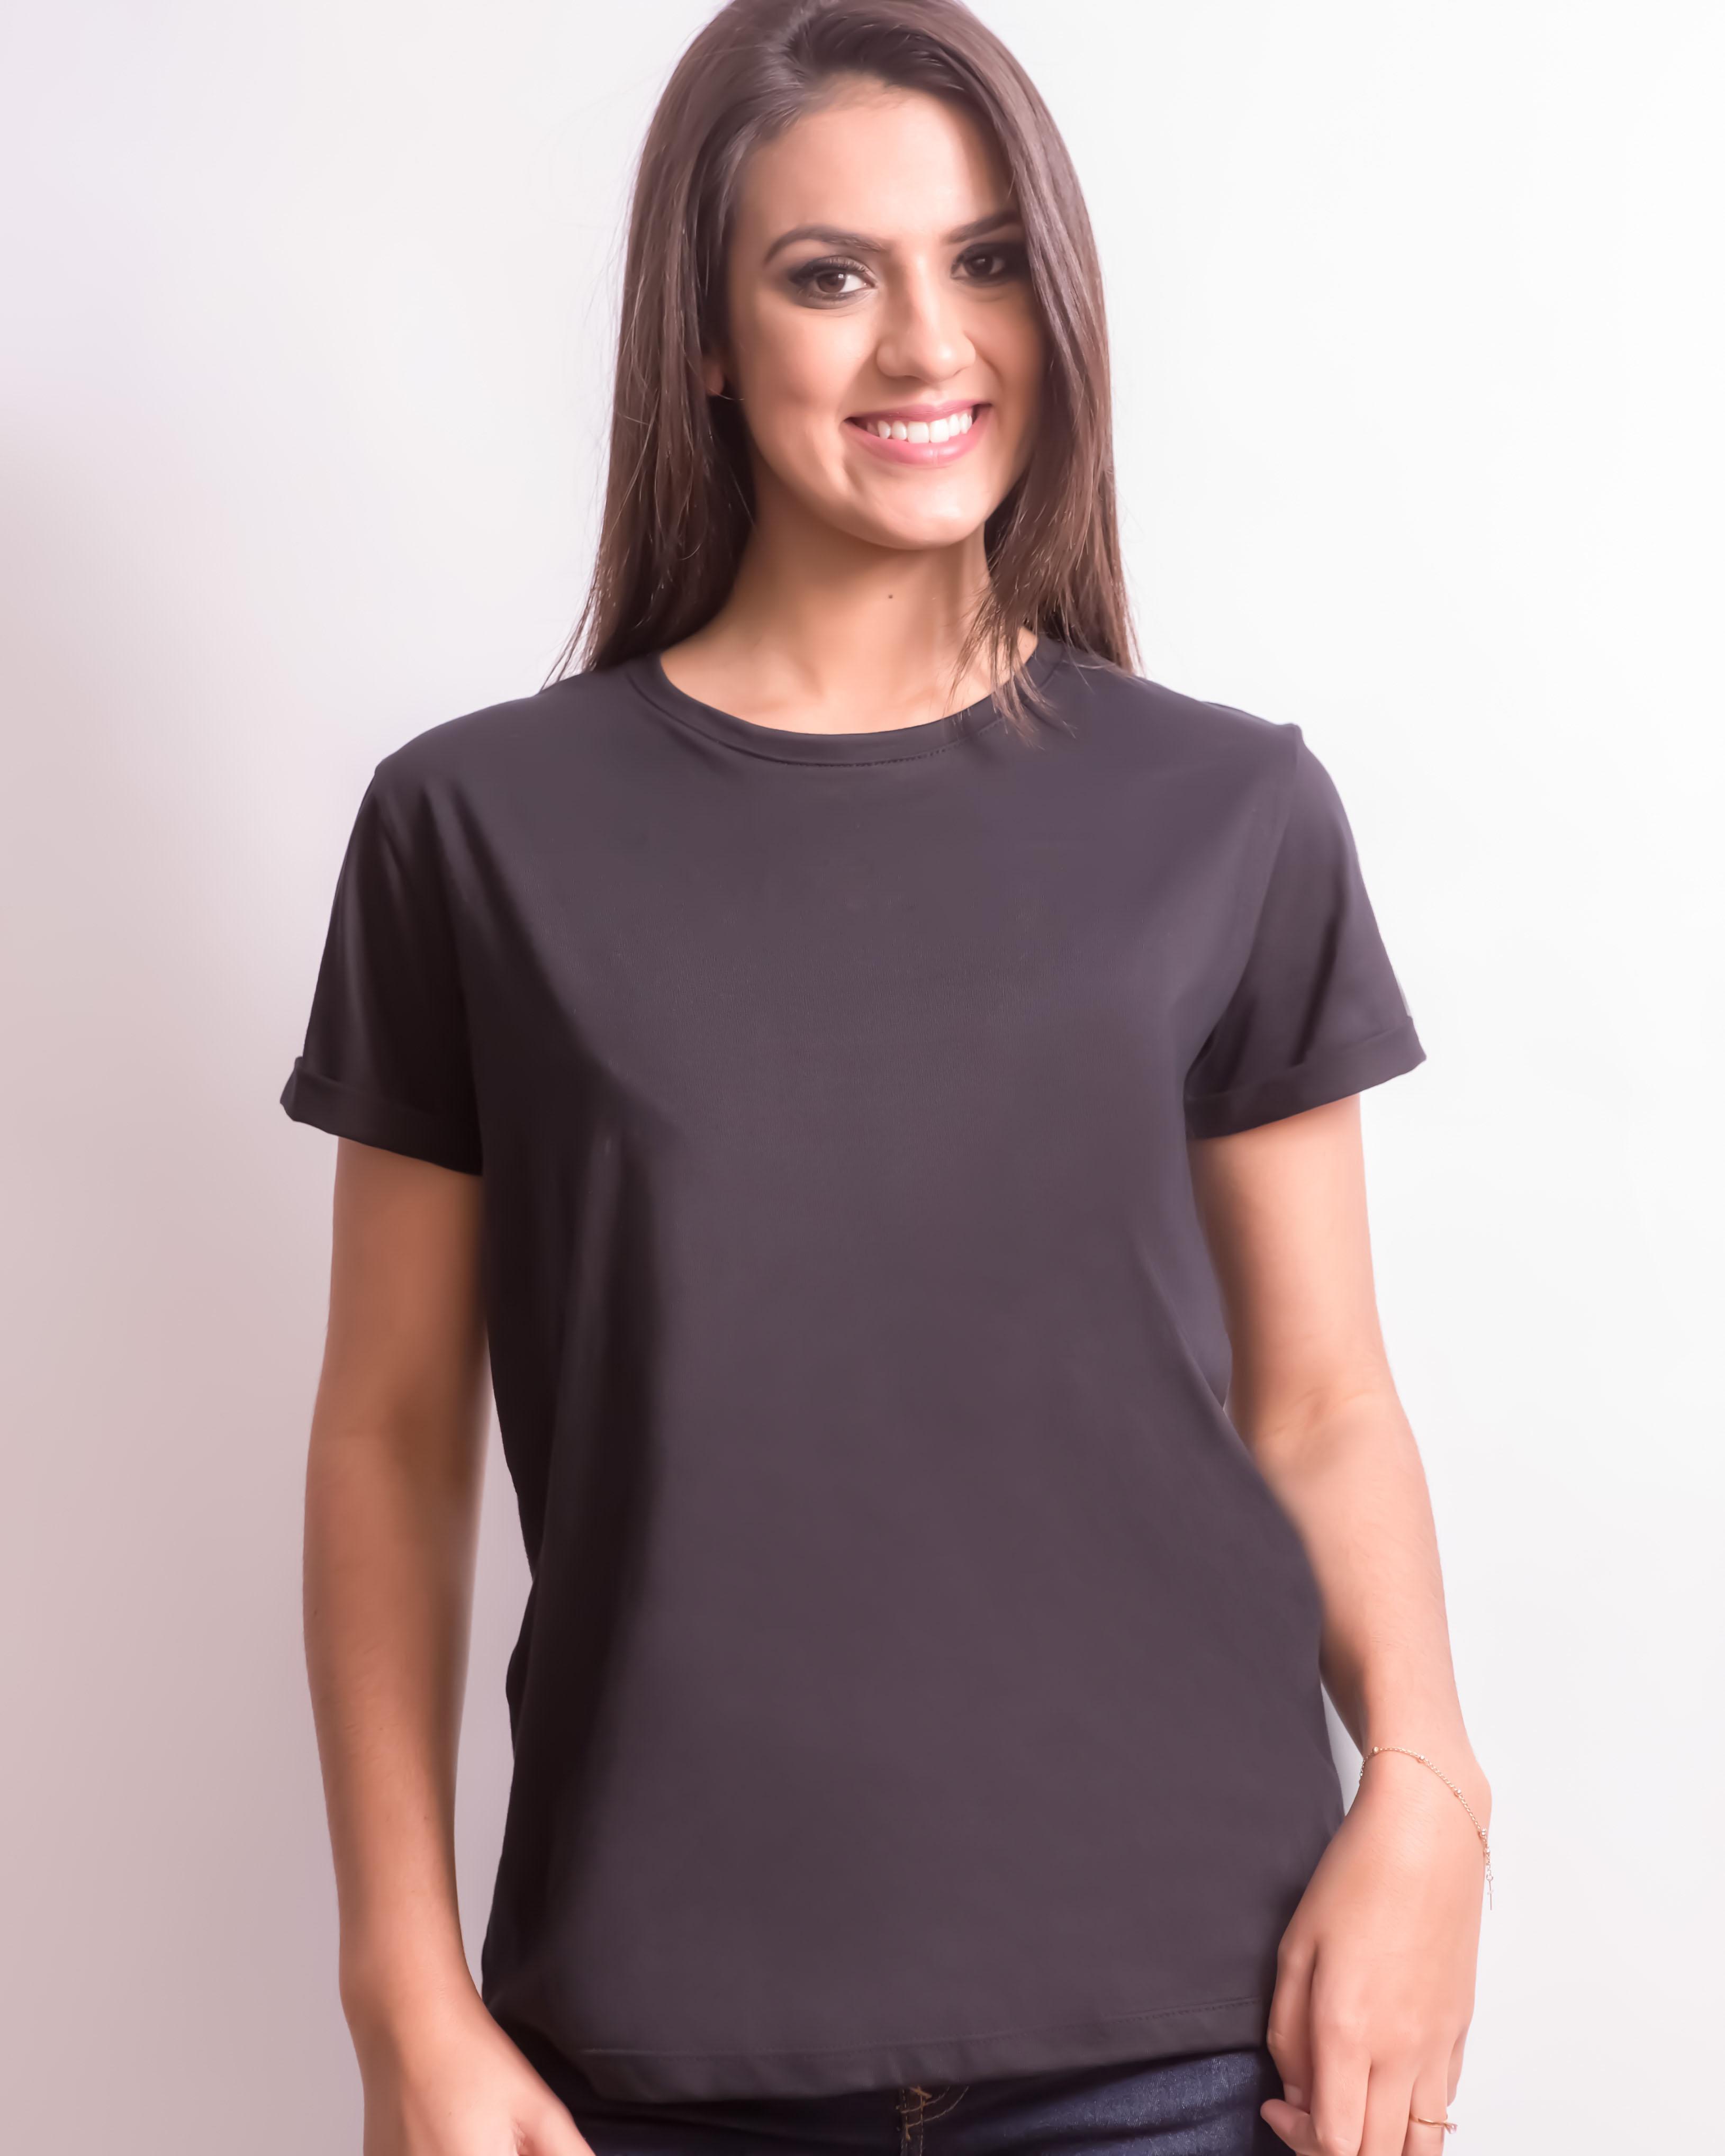 d7f6b01b11 Blusa Camiseta Básica Feminina Preta no Elo7